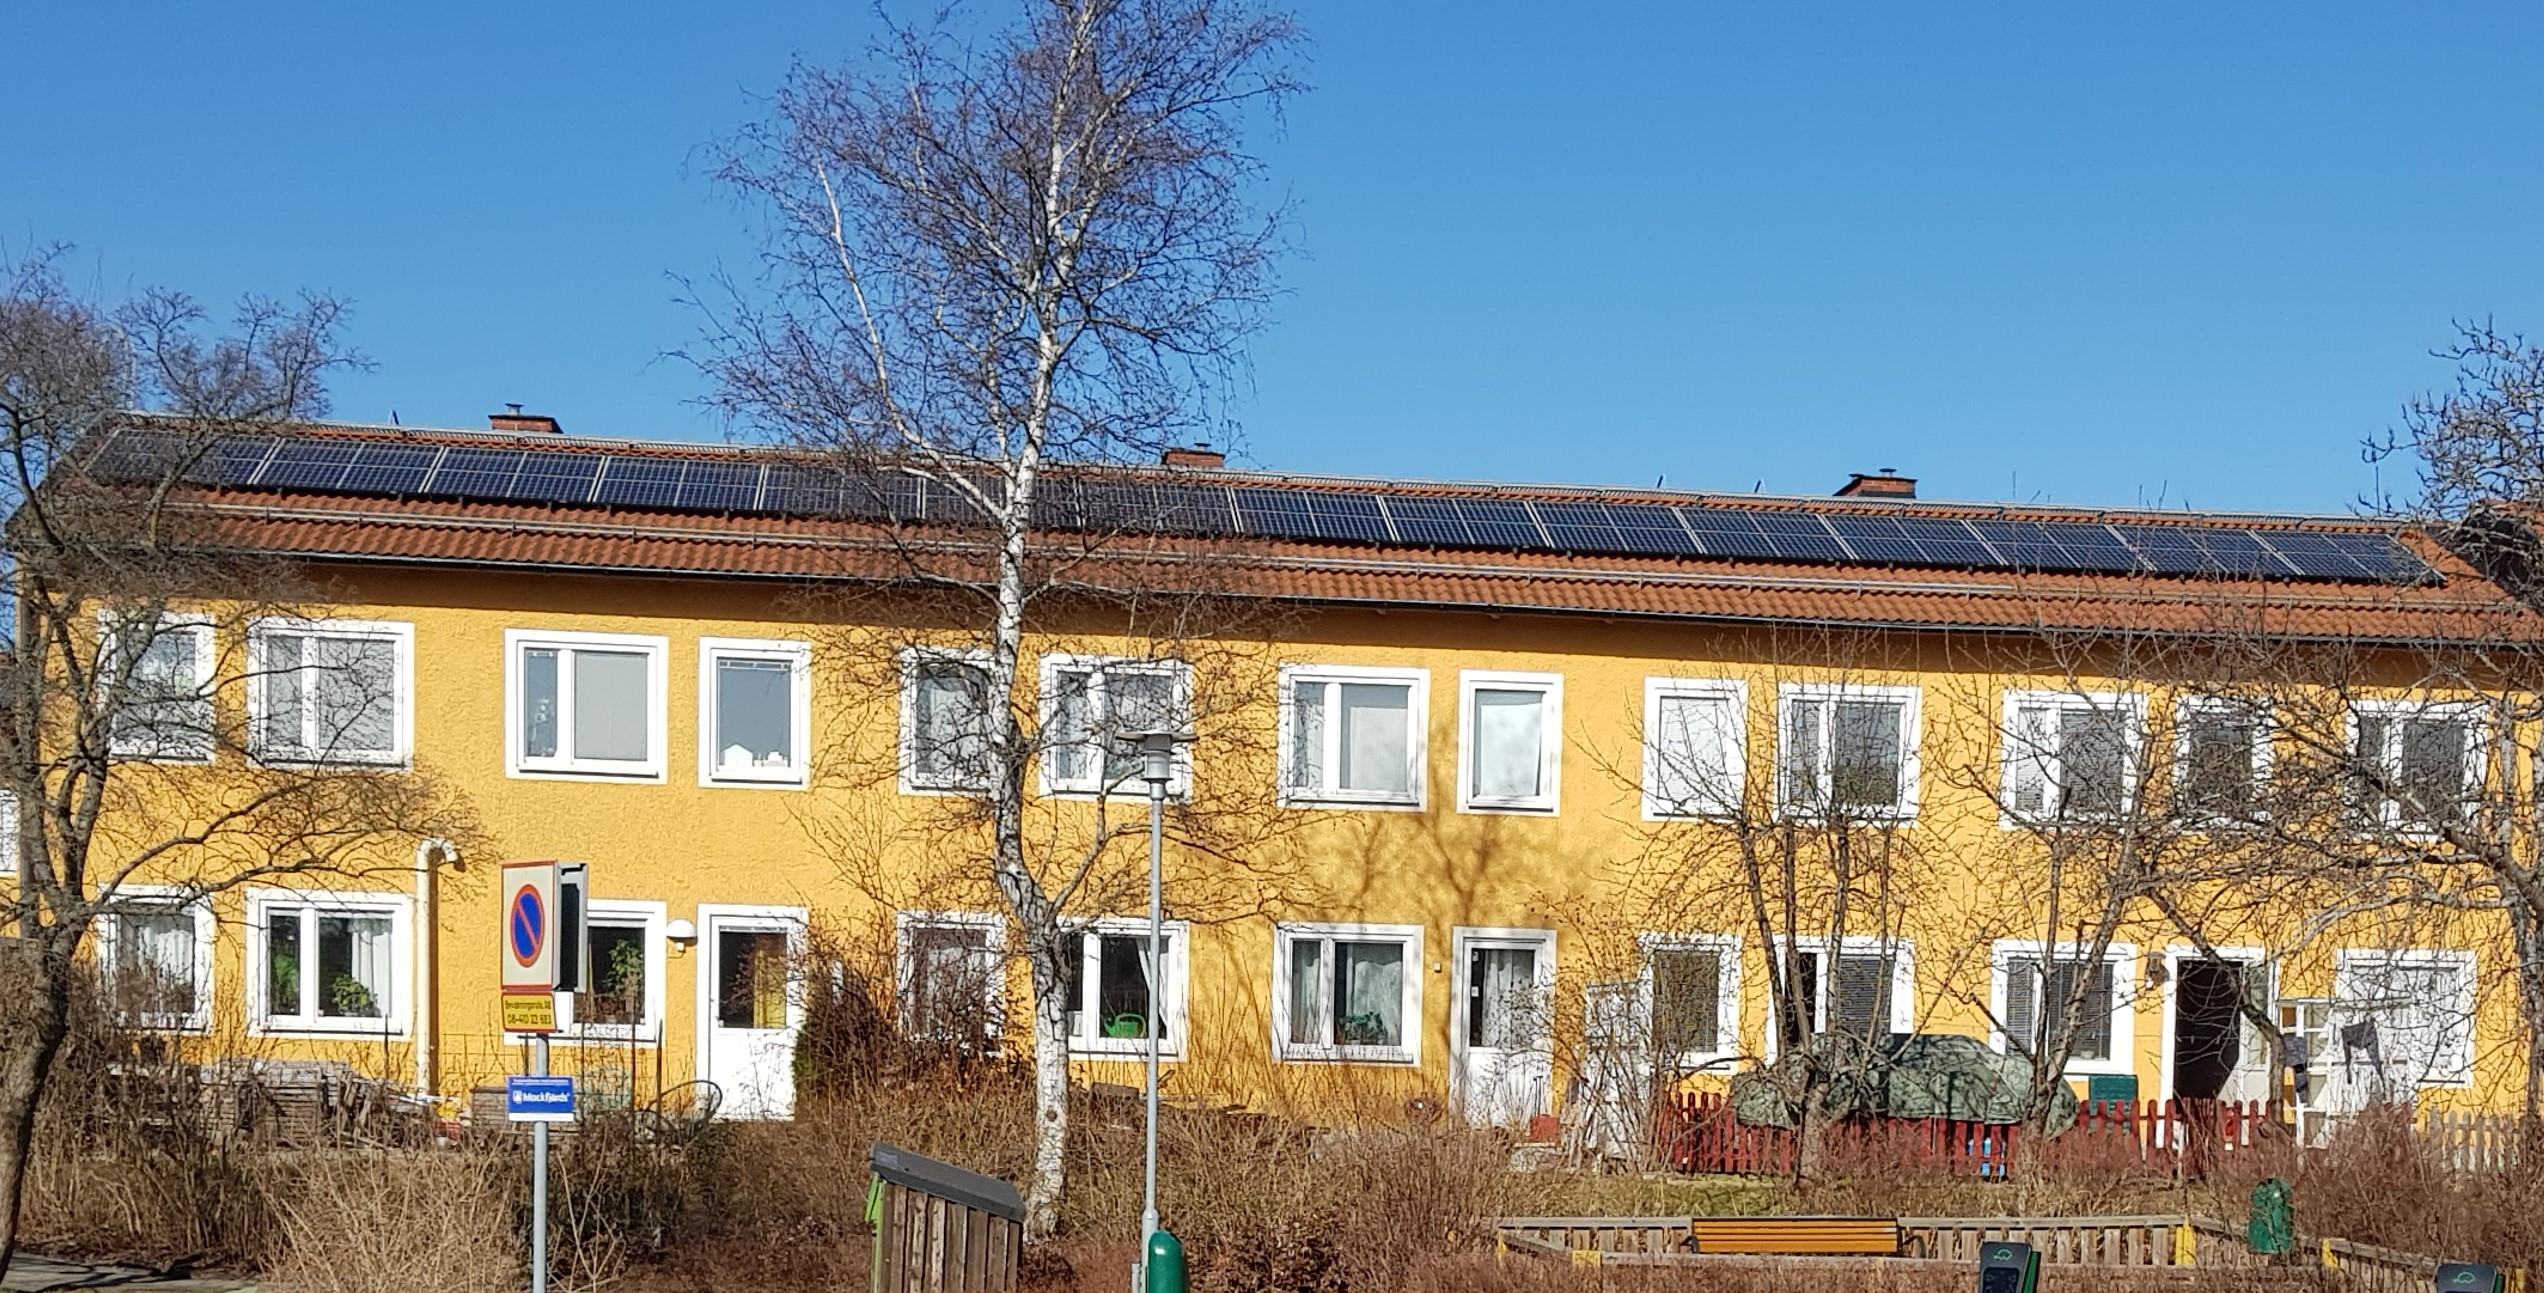 vind- och solkraft